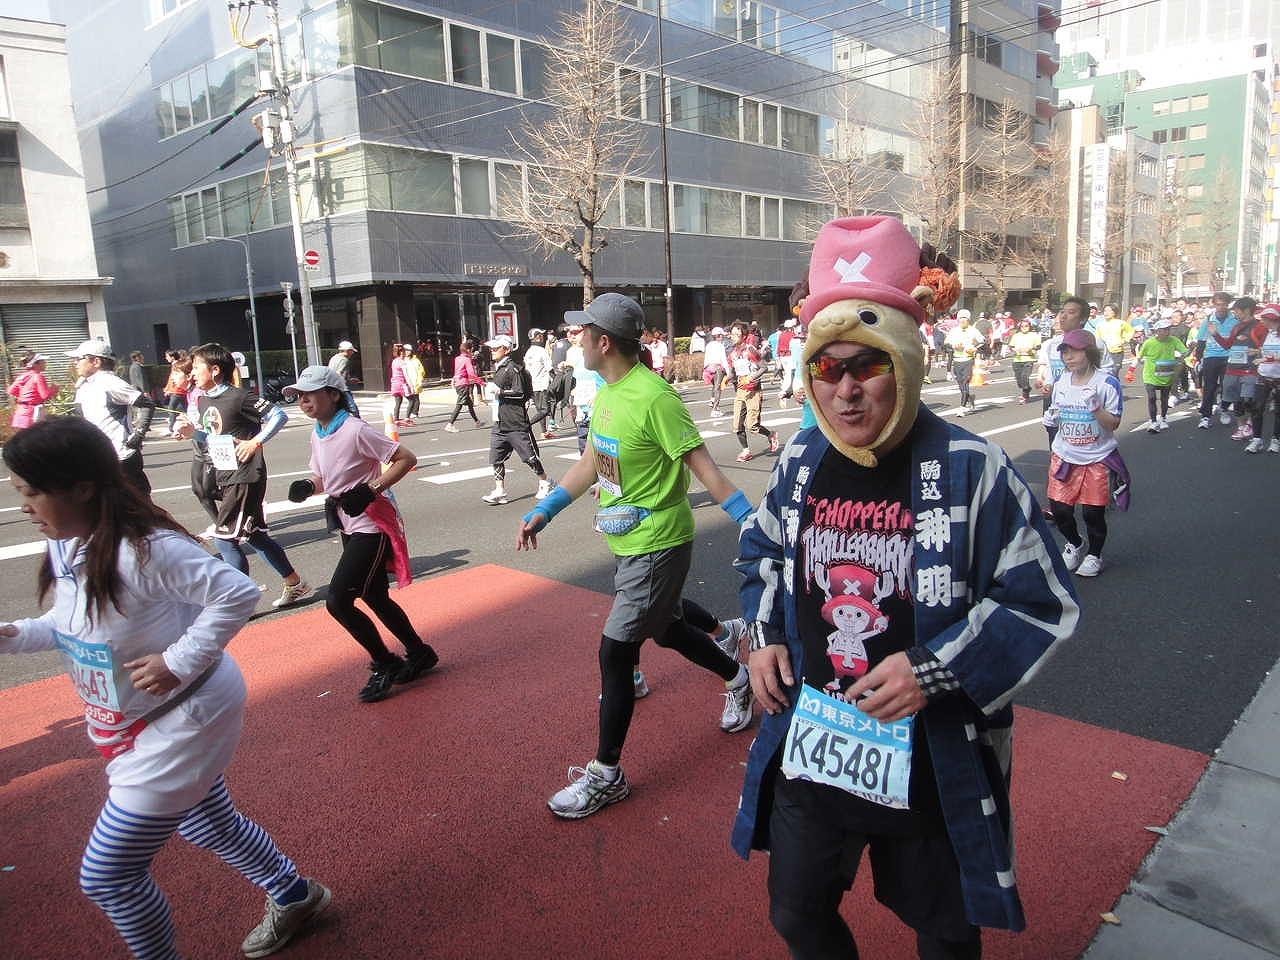 東京マラソンにお客様のNさんが参加されました。見事完走されましたよ。お疲れ様でした。